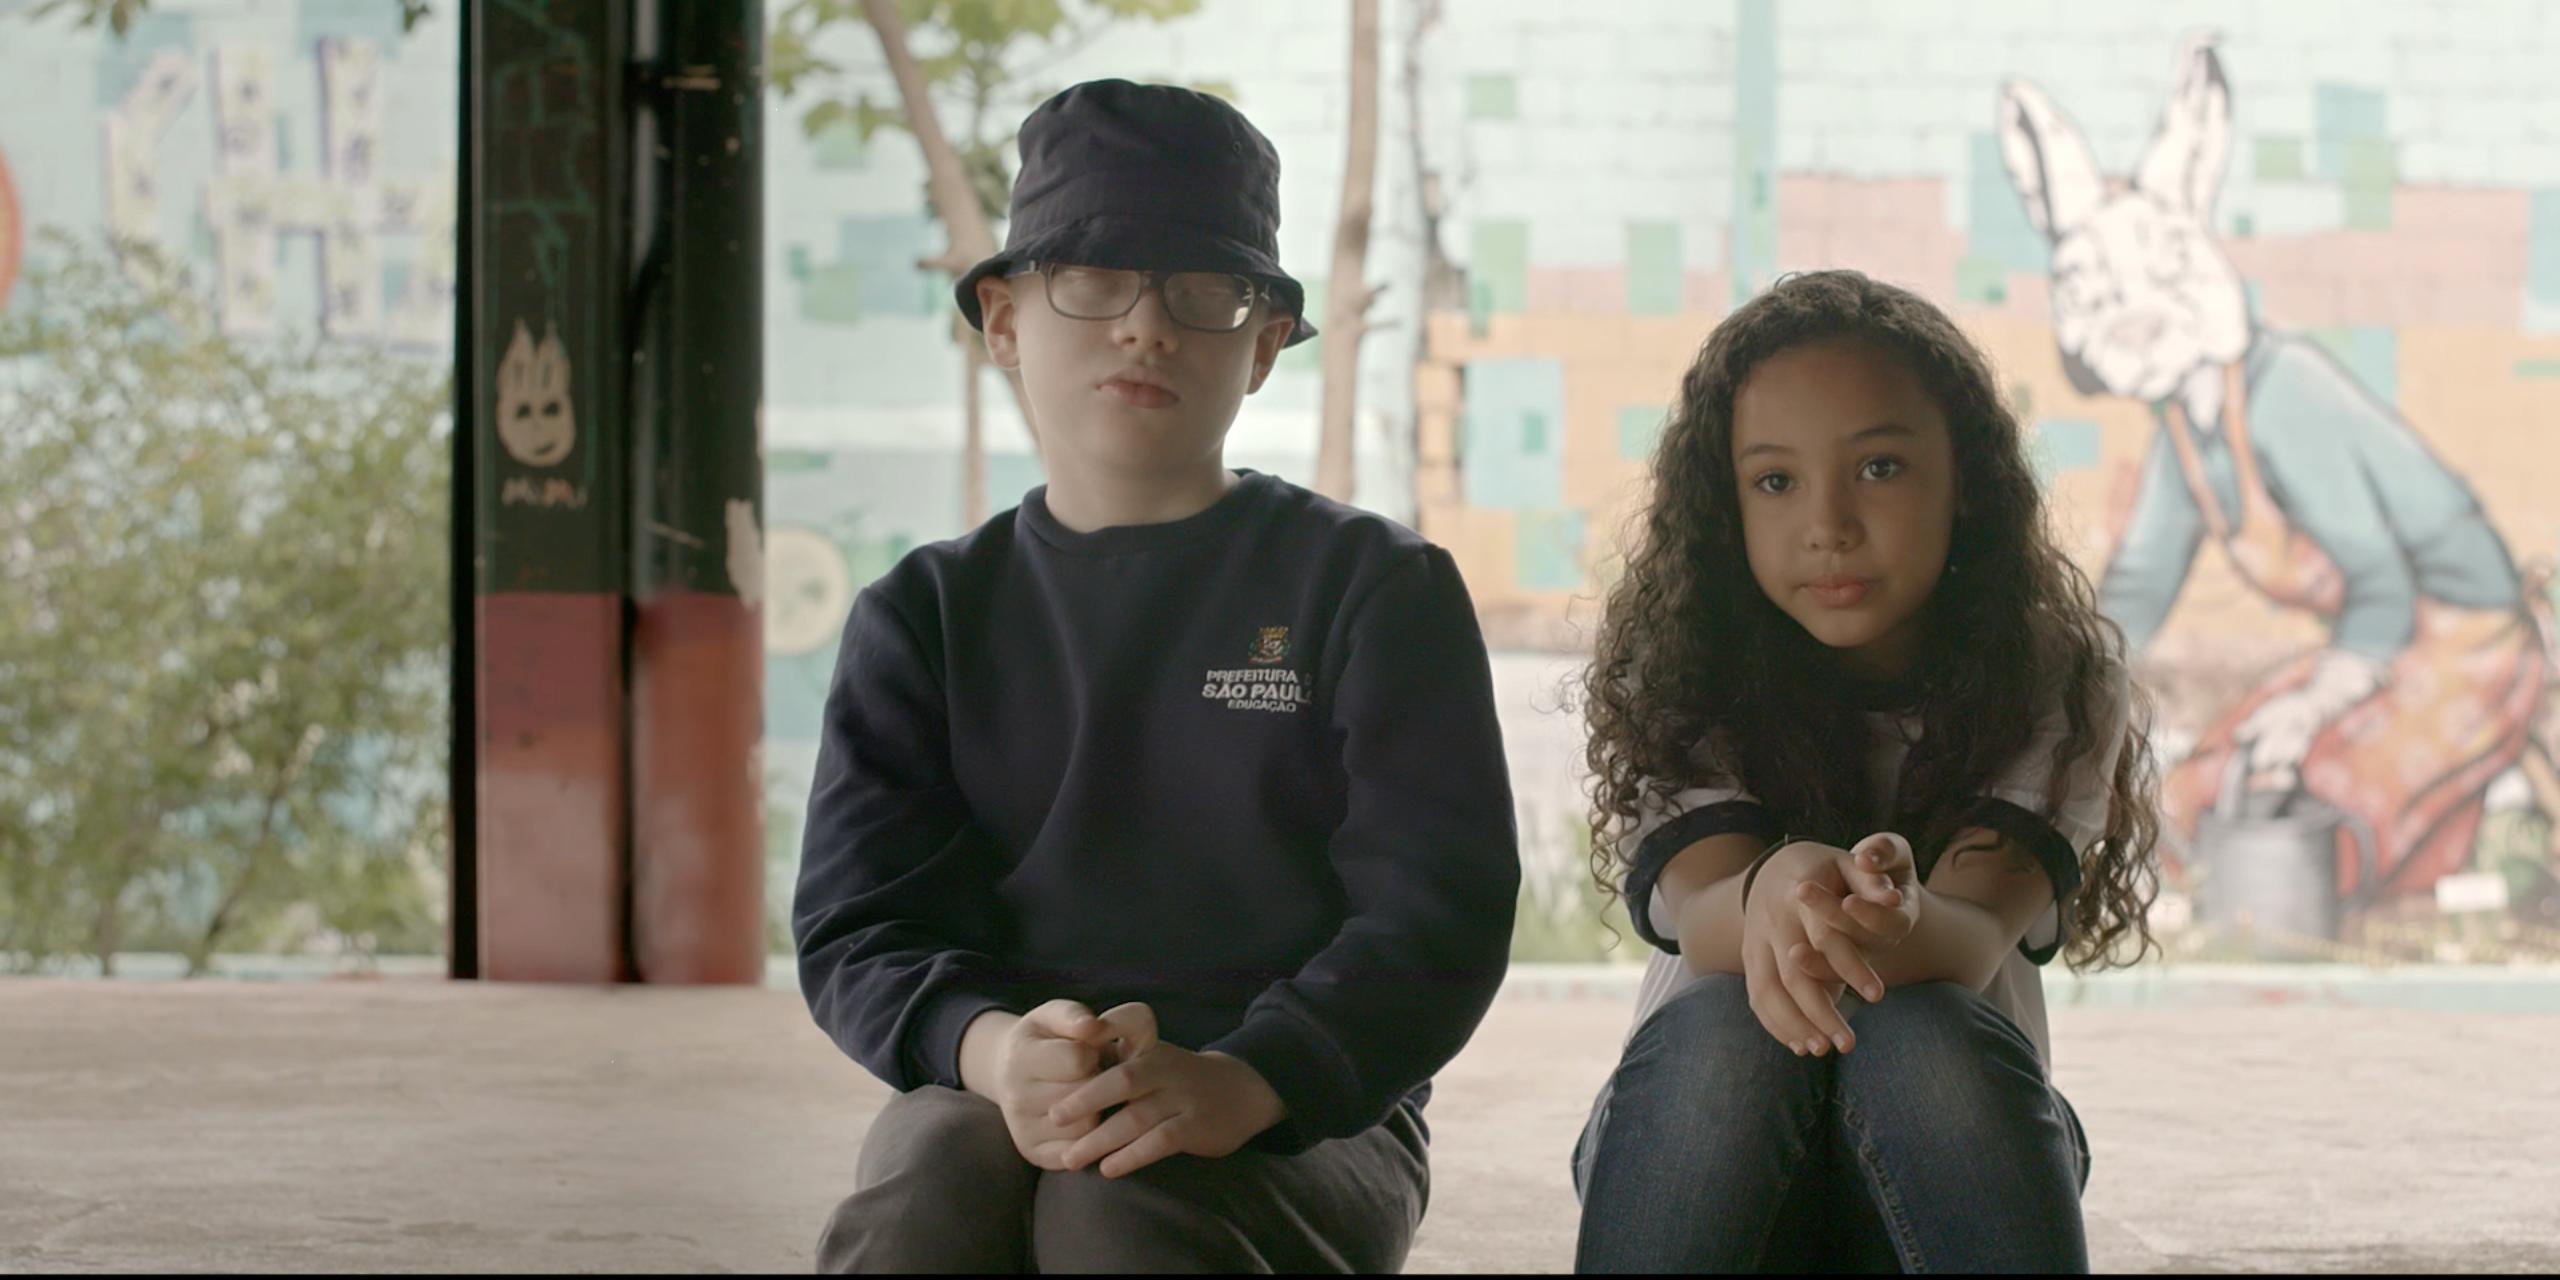 Duas crianças estão sentadas uma ao lado da outra, olhando para a câmera.